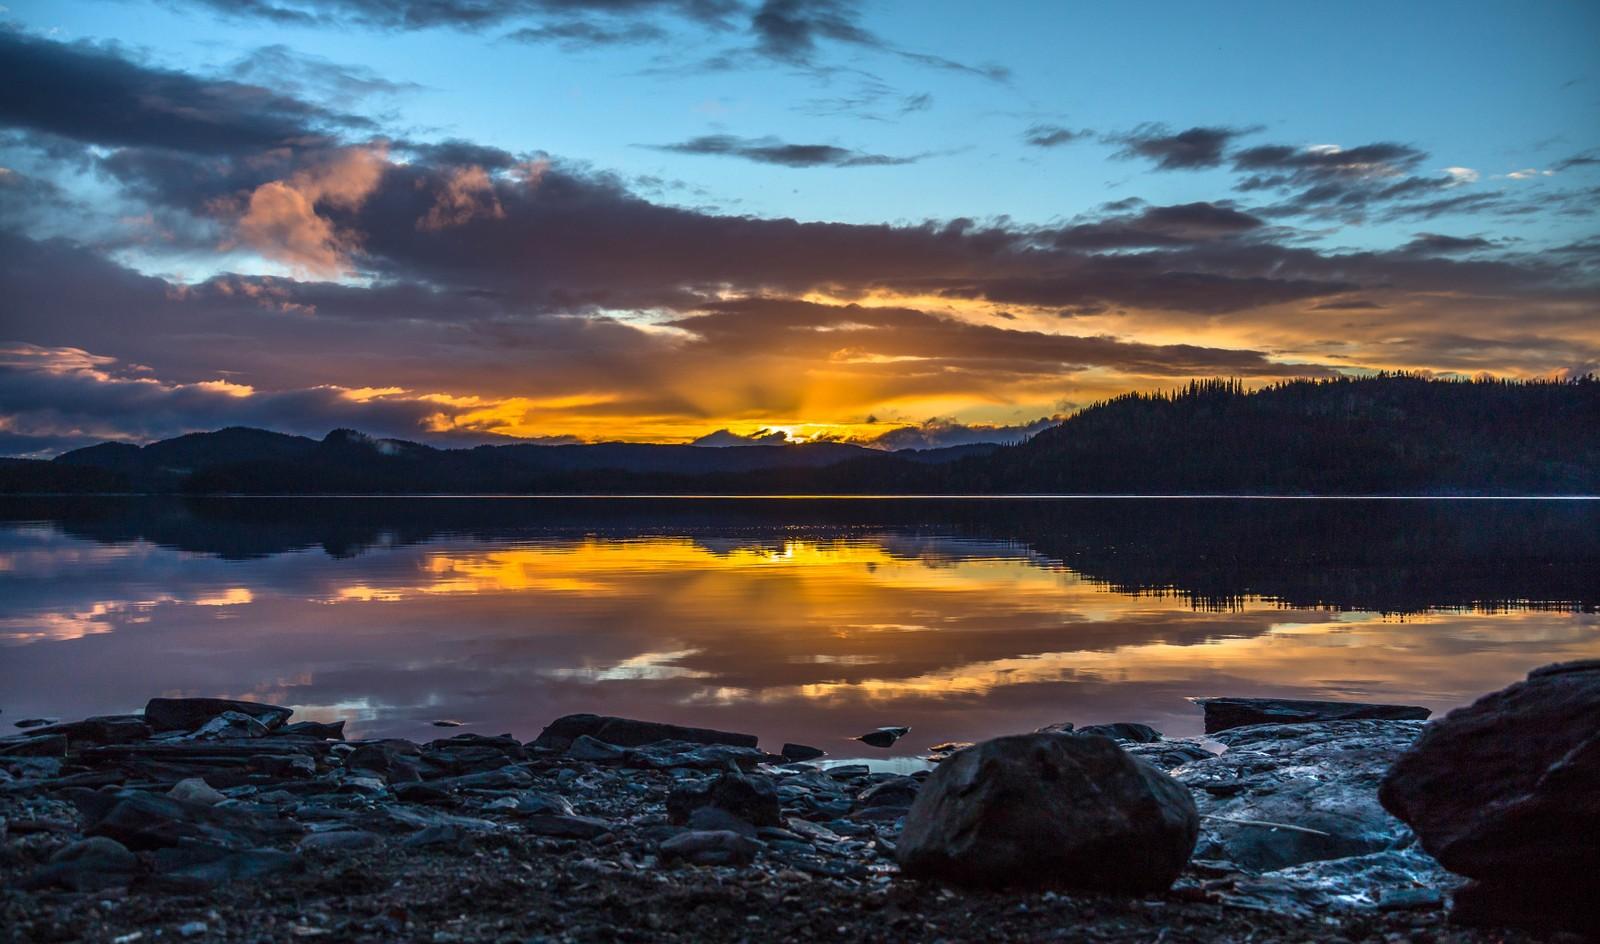 Solnedgangsstemning fra Stor-Drakstsjøen